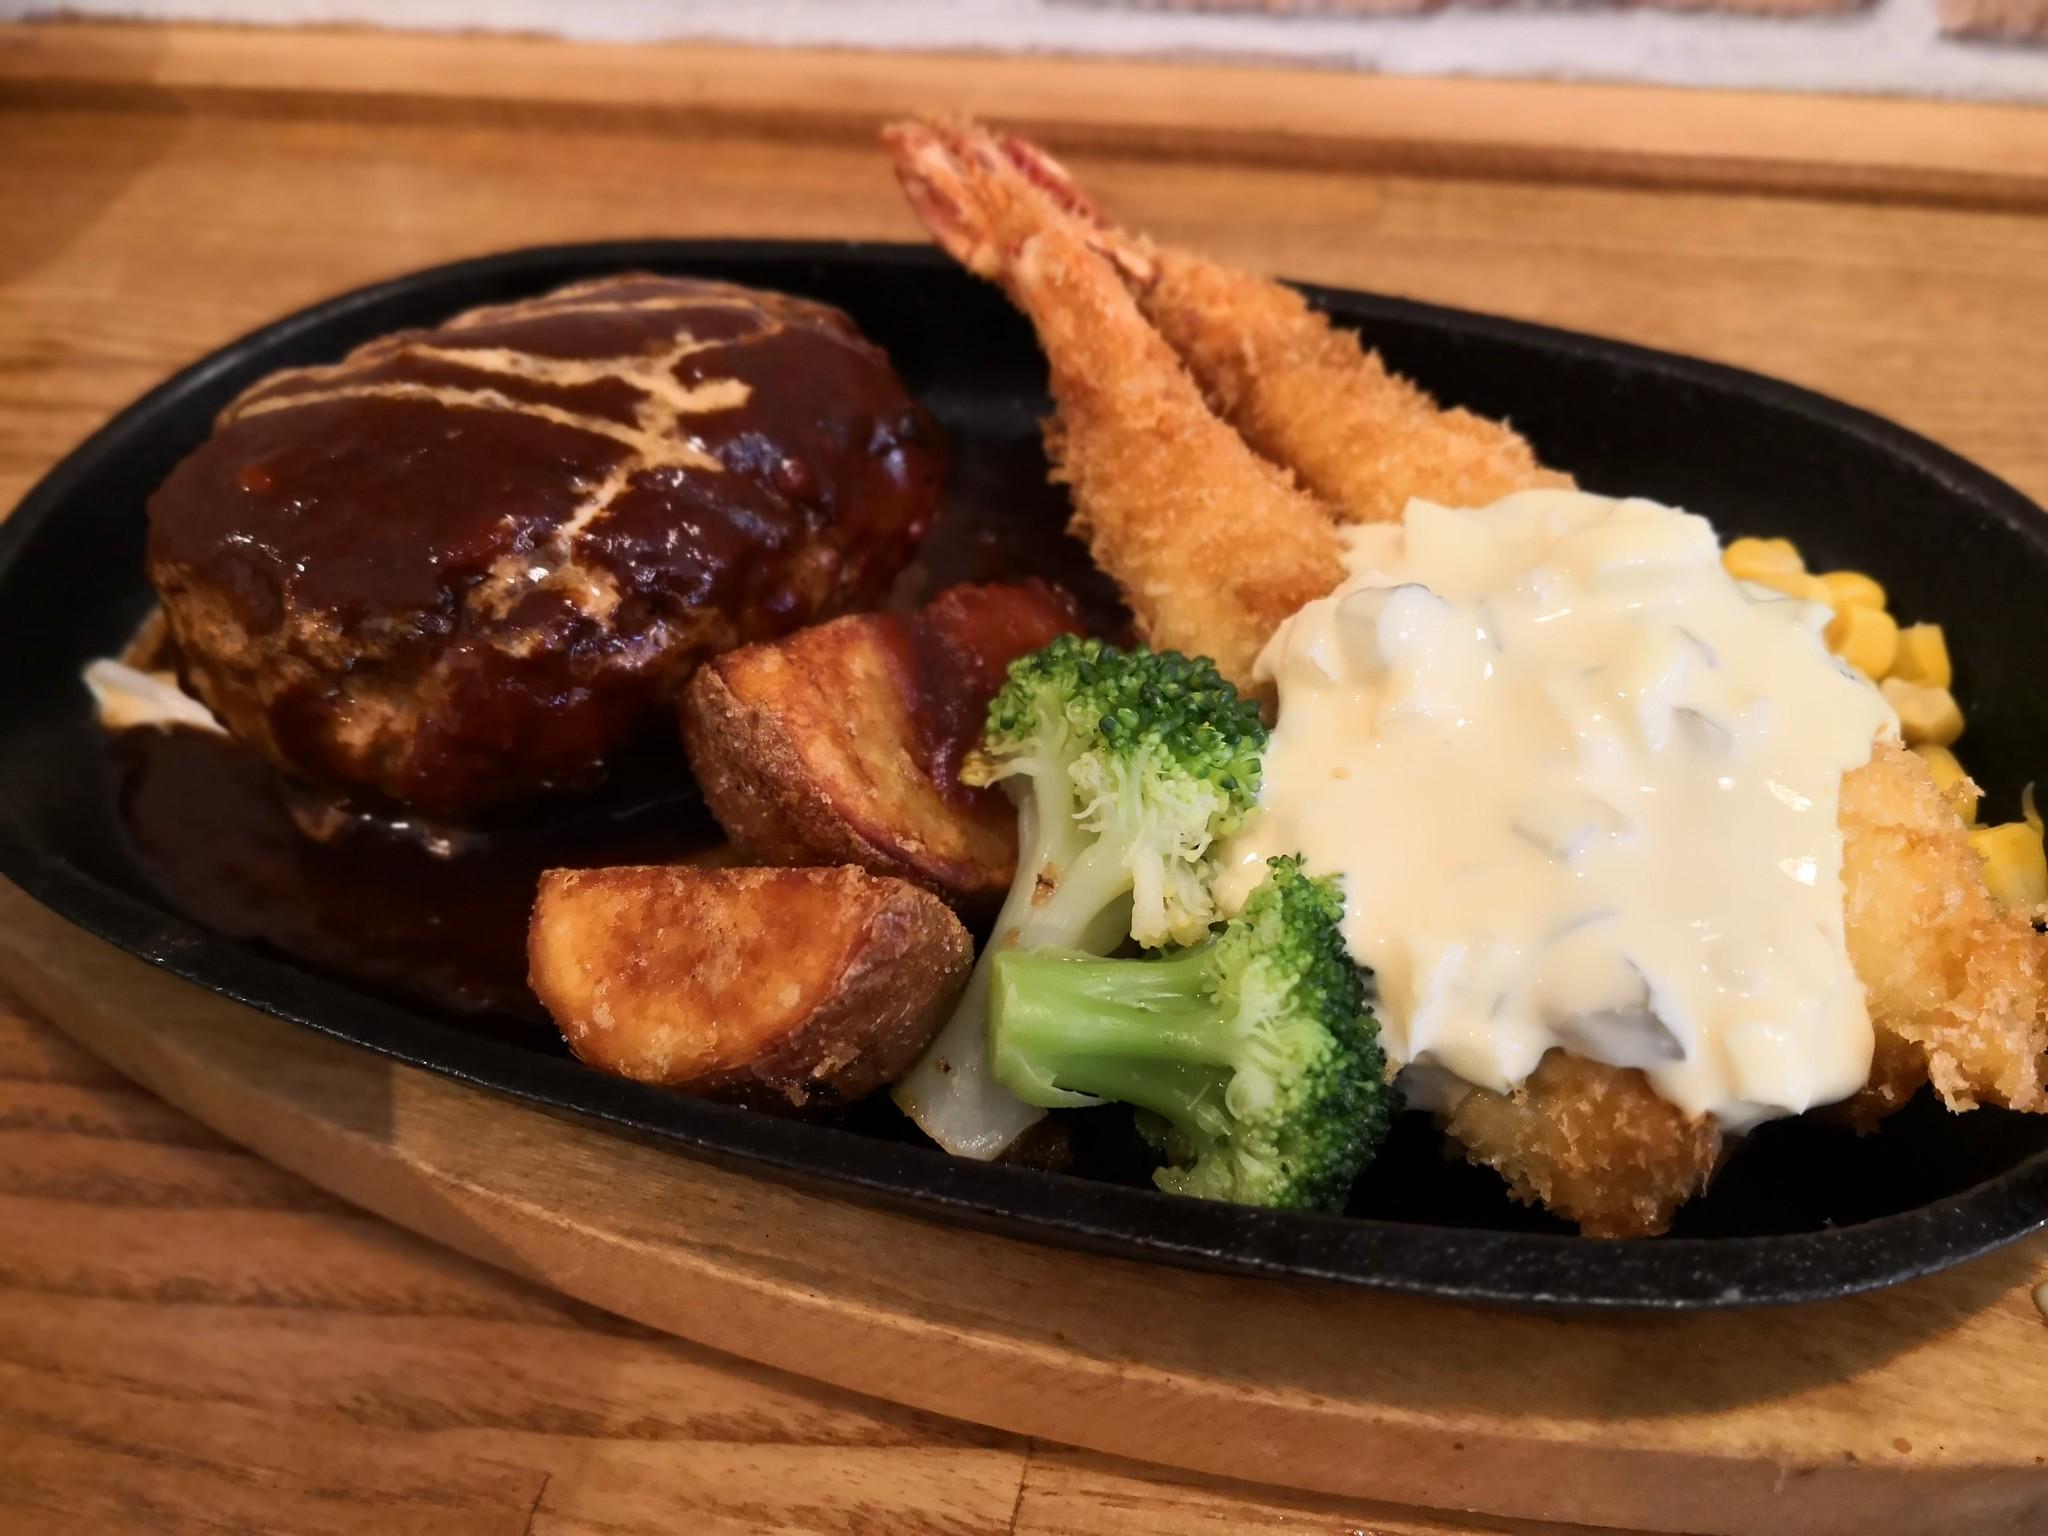 【東逗子】キッチン ビッテ@地元の人が集まるお手頃で美味しい洋食屋さん。